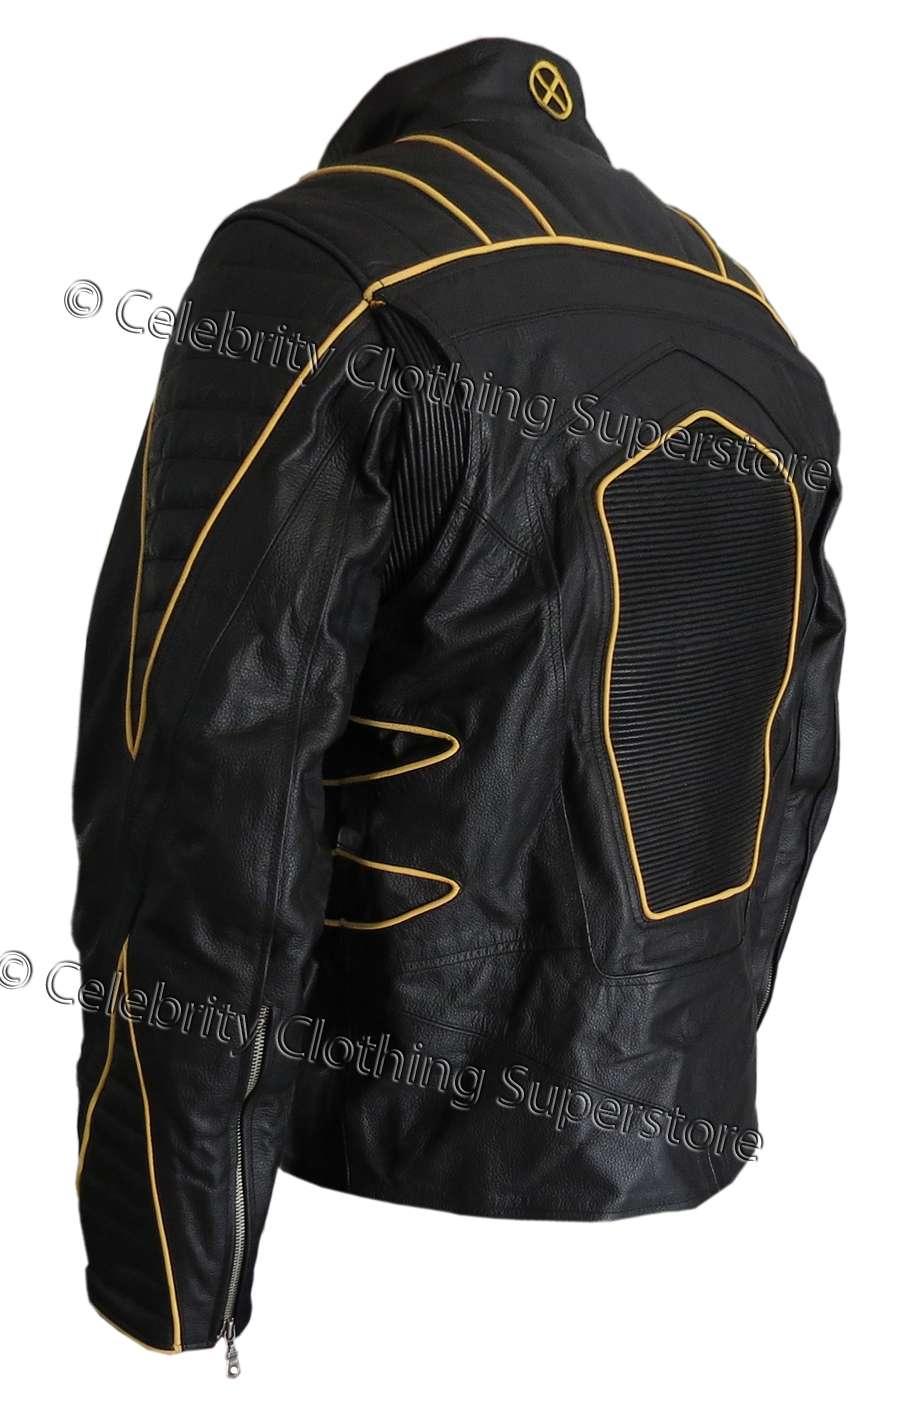 wolverine-x-men-jacket/xmen-wolverine-2-jacket-united.jpg